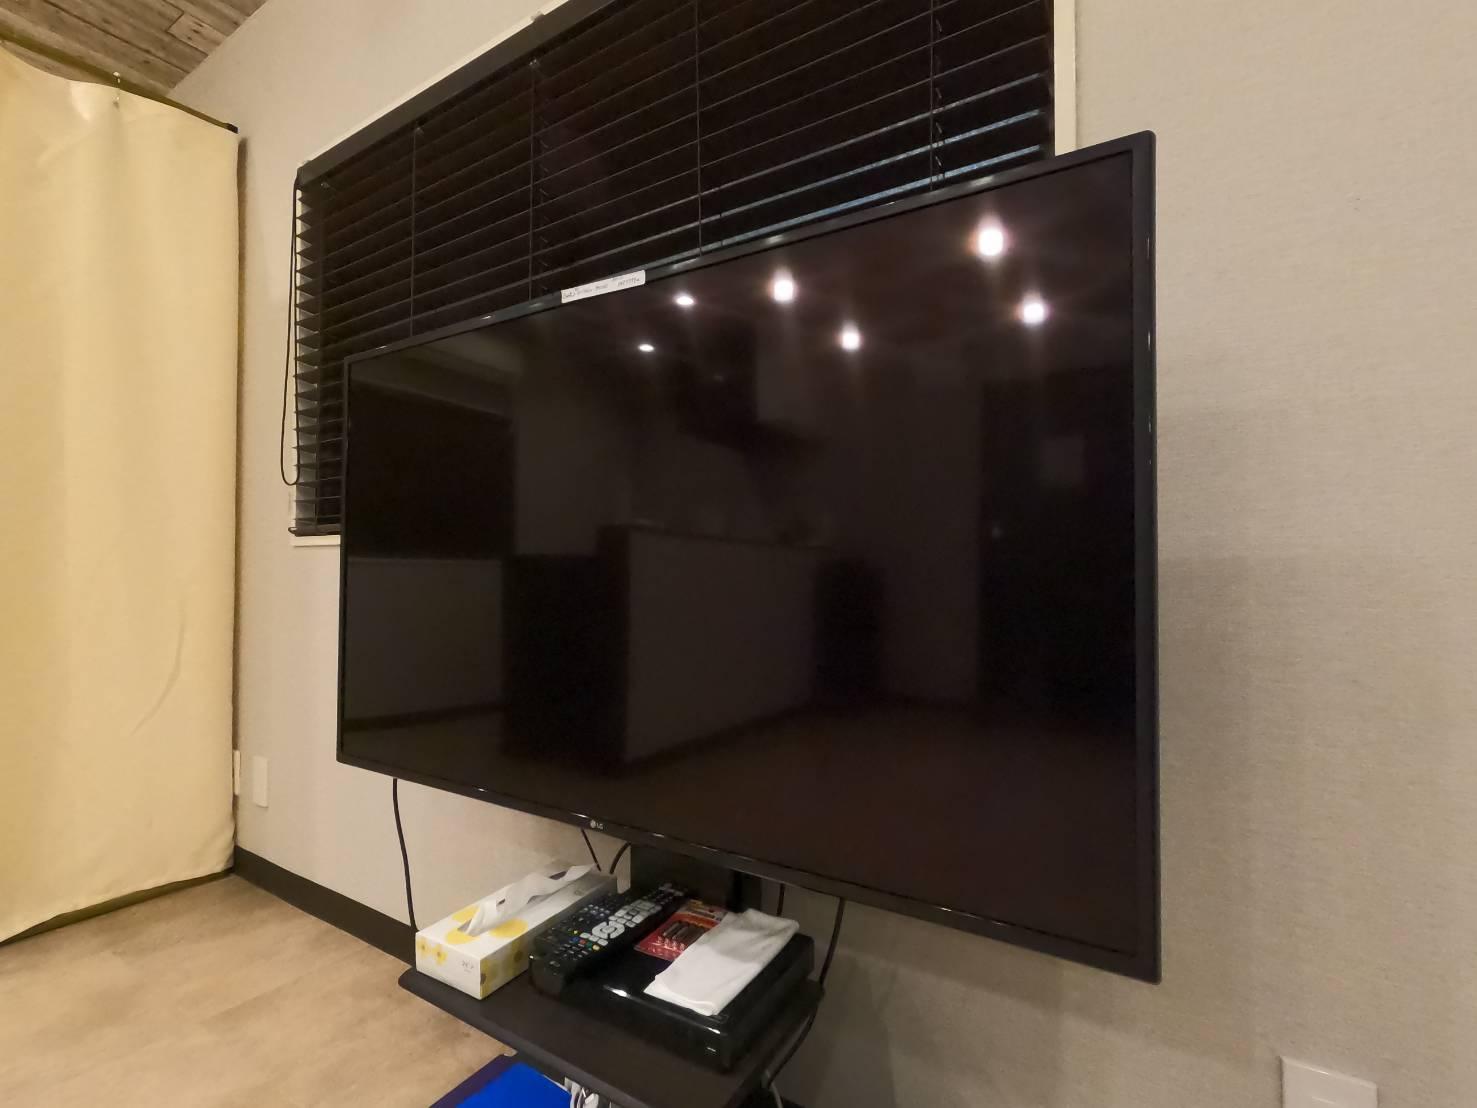 大きなTVモニターもあるので、映像を見ながらエクササイズできます。 - レンタルスタジオ フルス ヨガなどができるレンタルスタジオの室内の写真